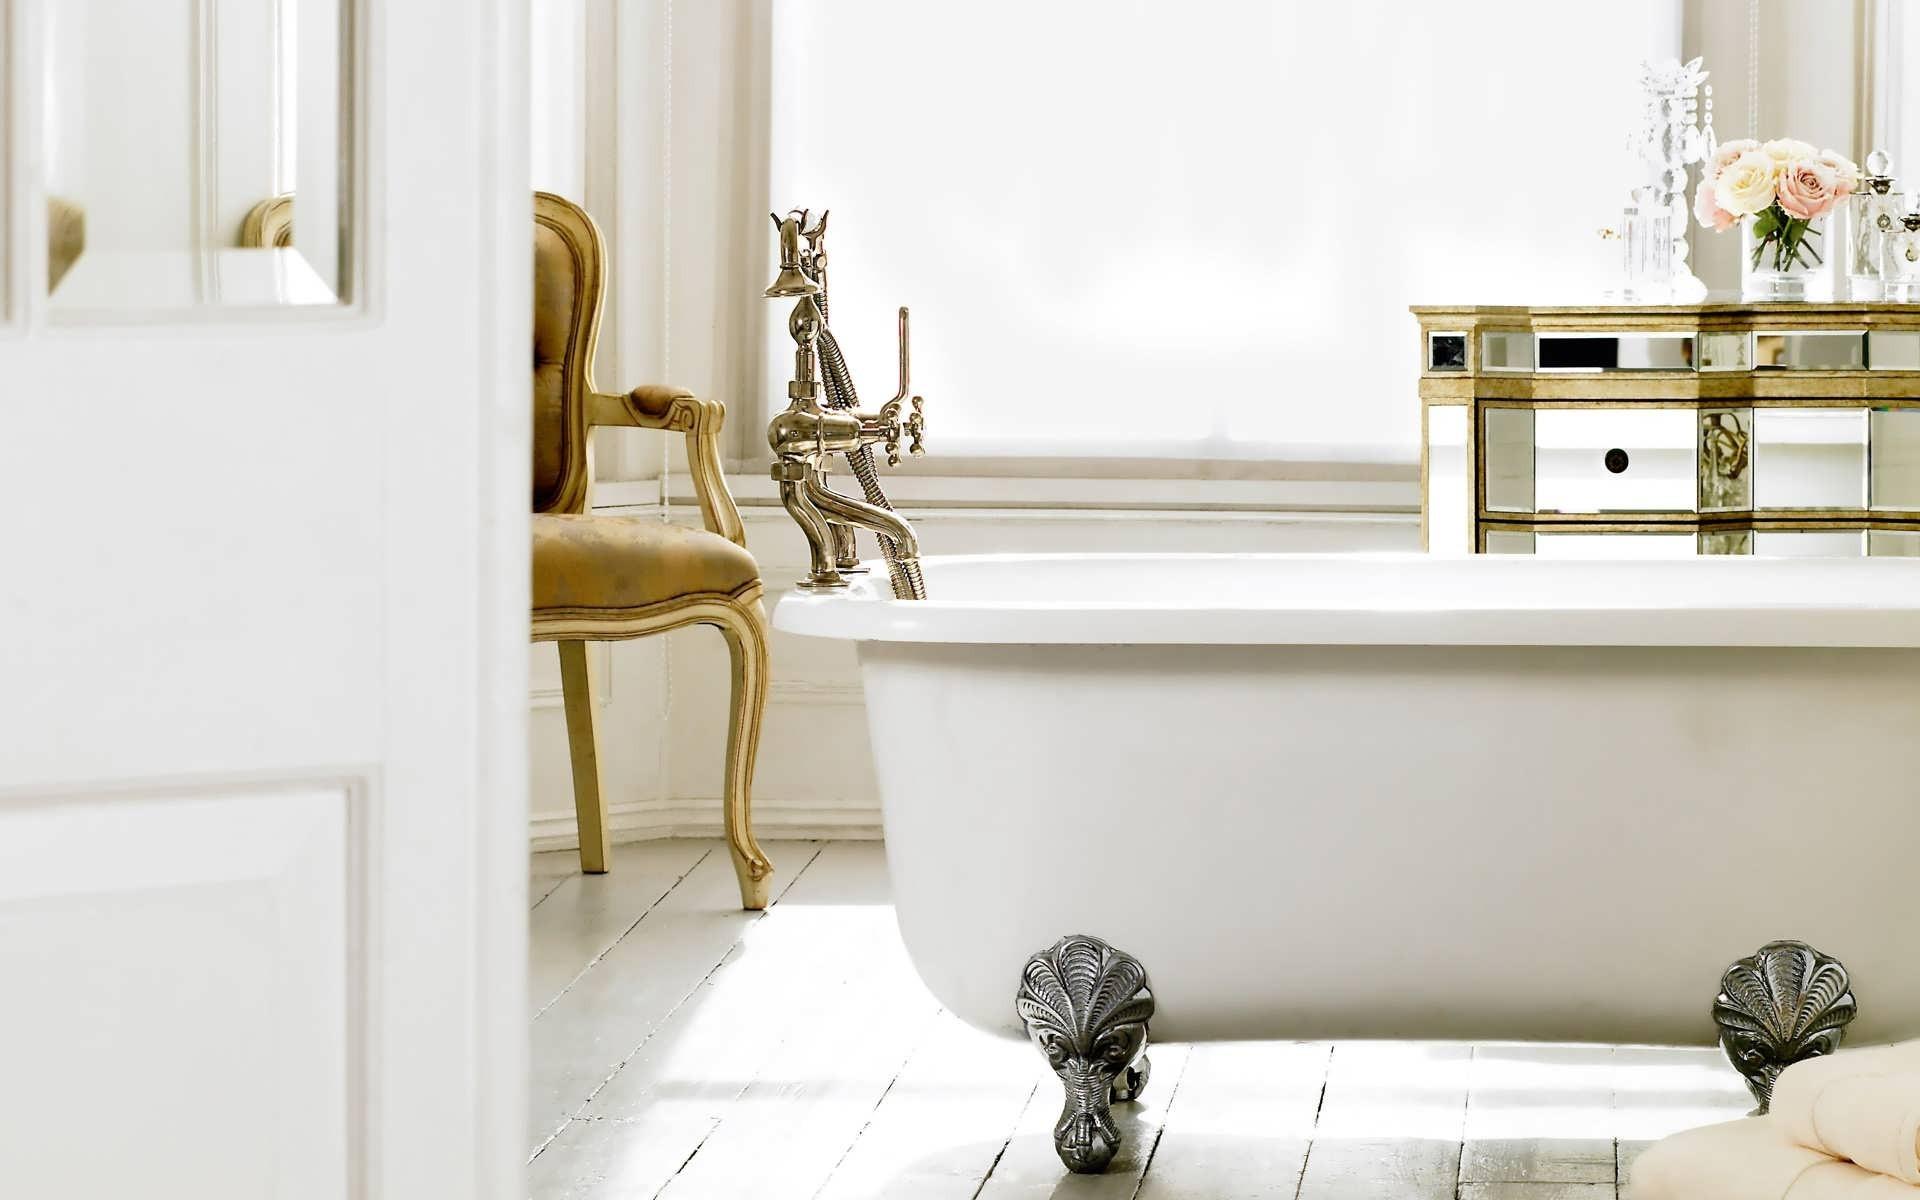 Hintergrundbilder wei zimmer badewanne innenarchitektur badezimmer fliese entwurf - Innenarchitektur badezimmer ...